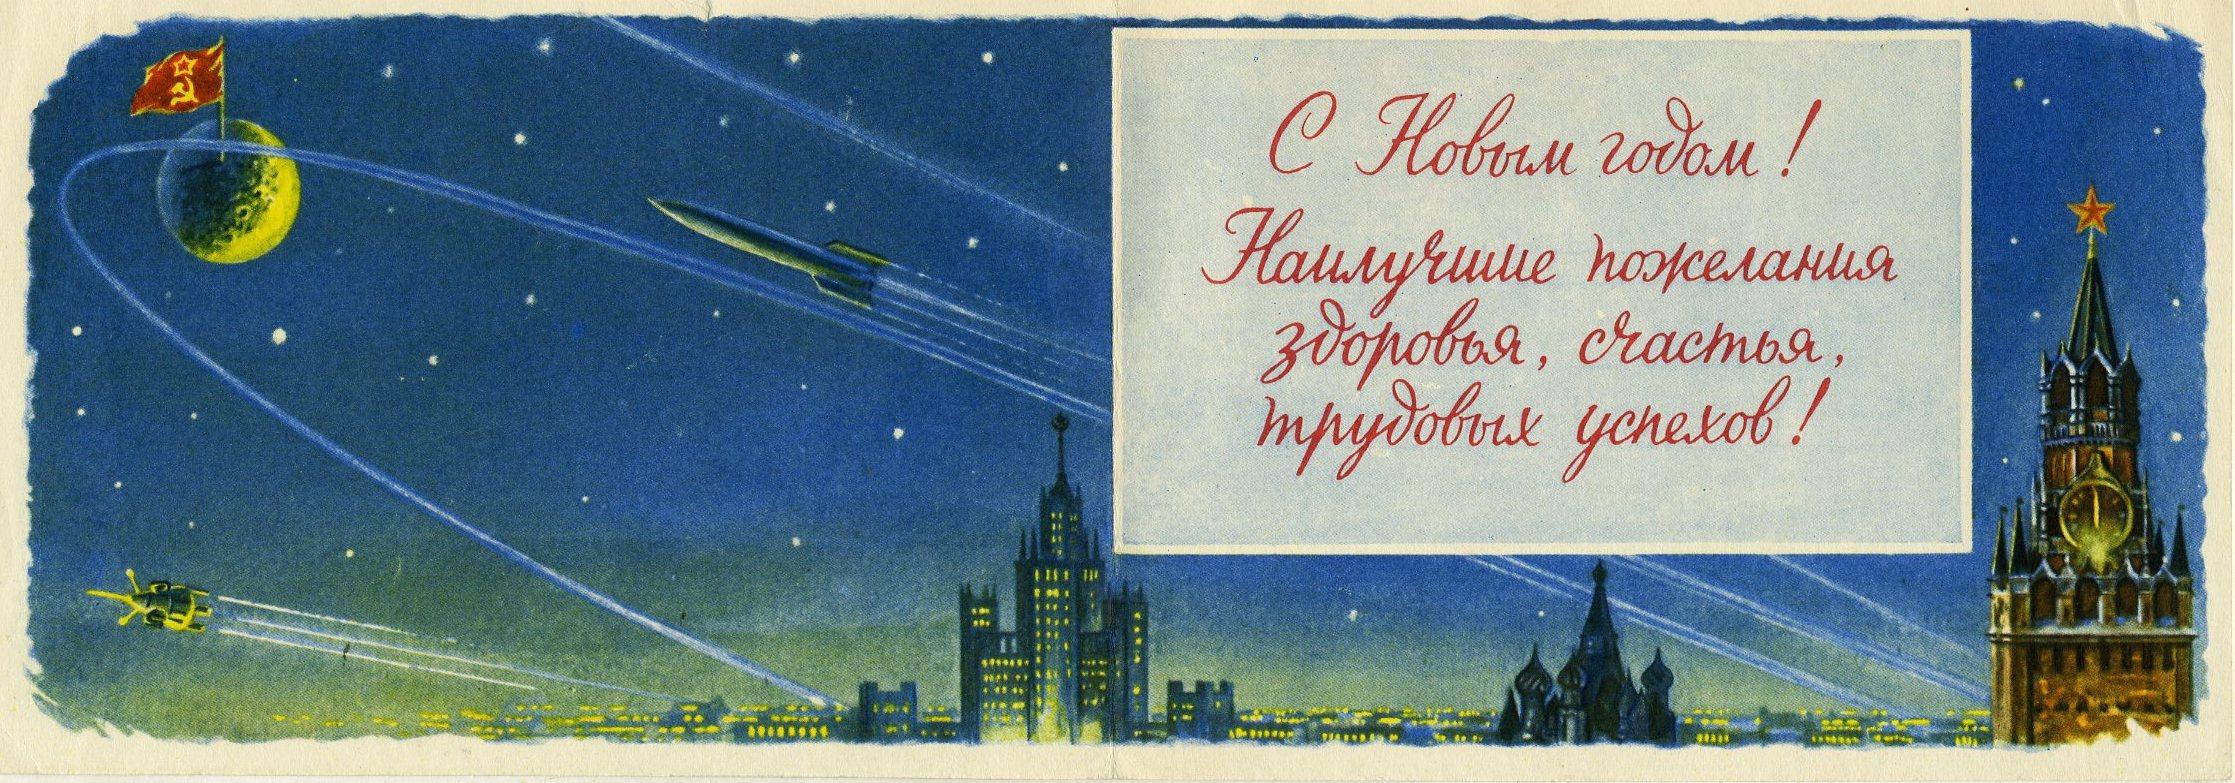 Открытка телеграмма с новым годом, днем рождения